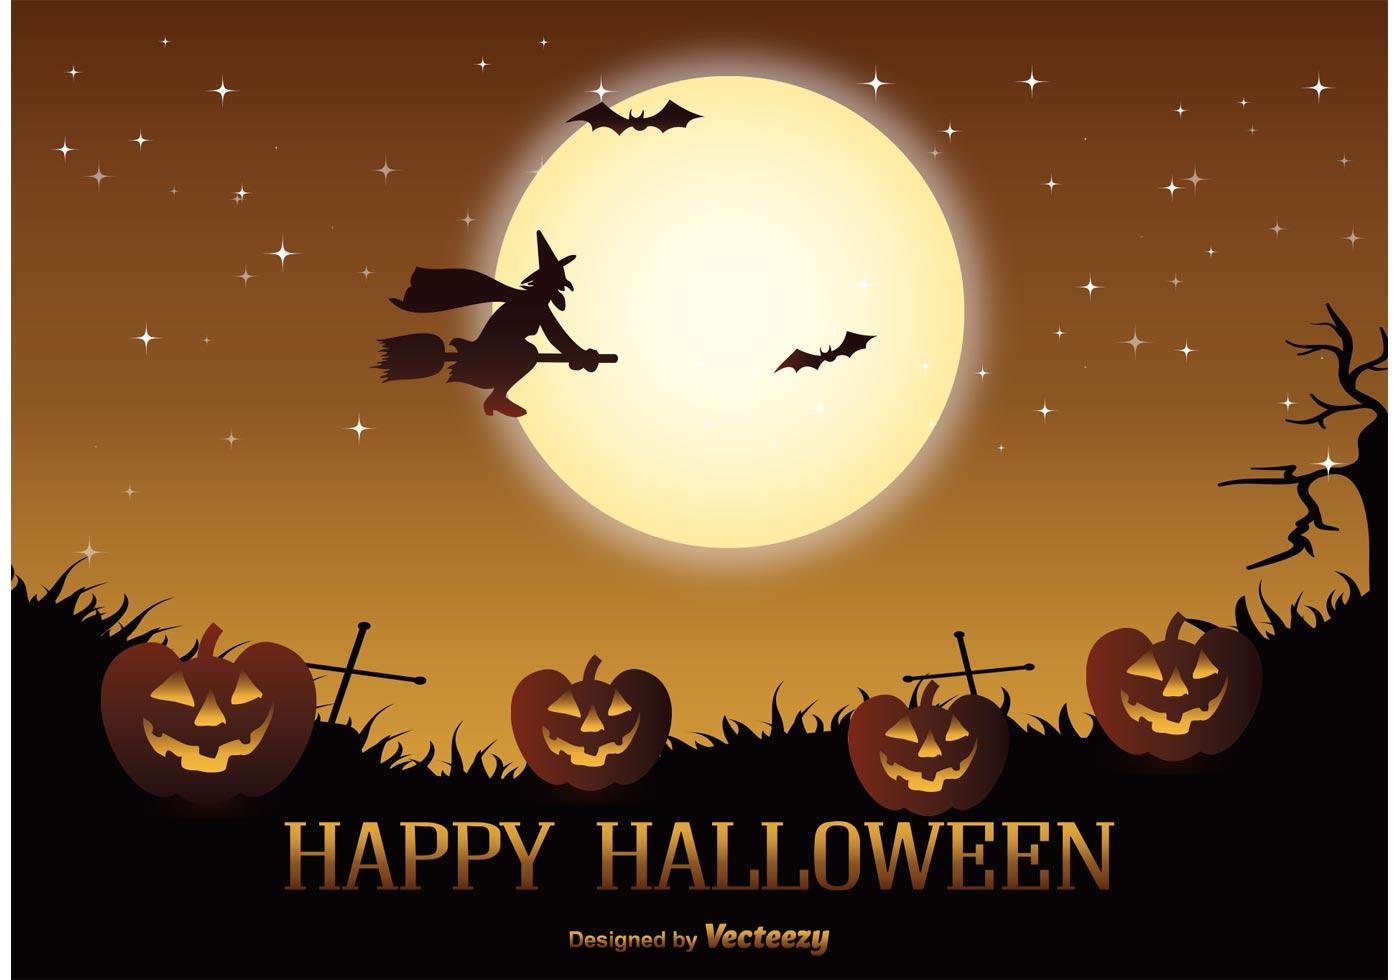 Cute Halloween Bat Wallpaper Halloween Free Vector Art 7 930 Free Downloads